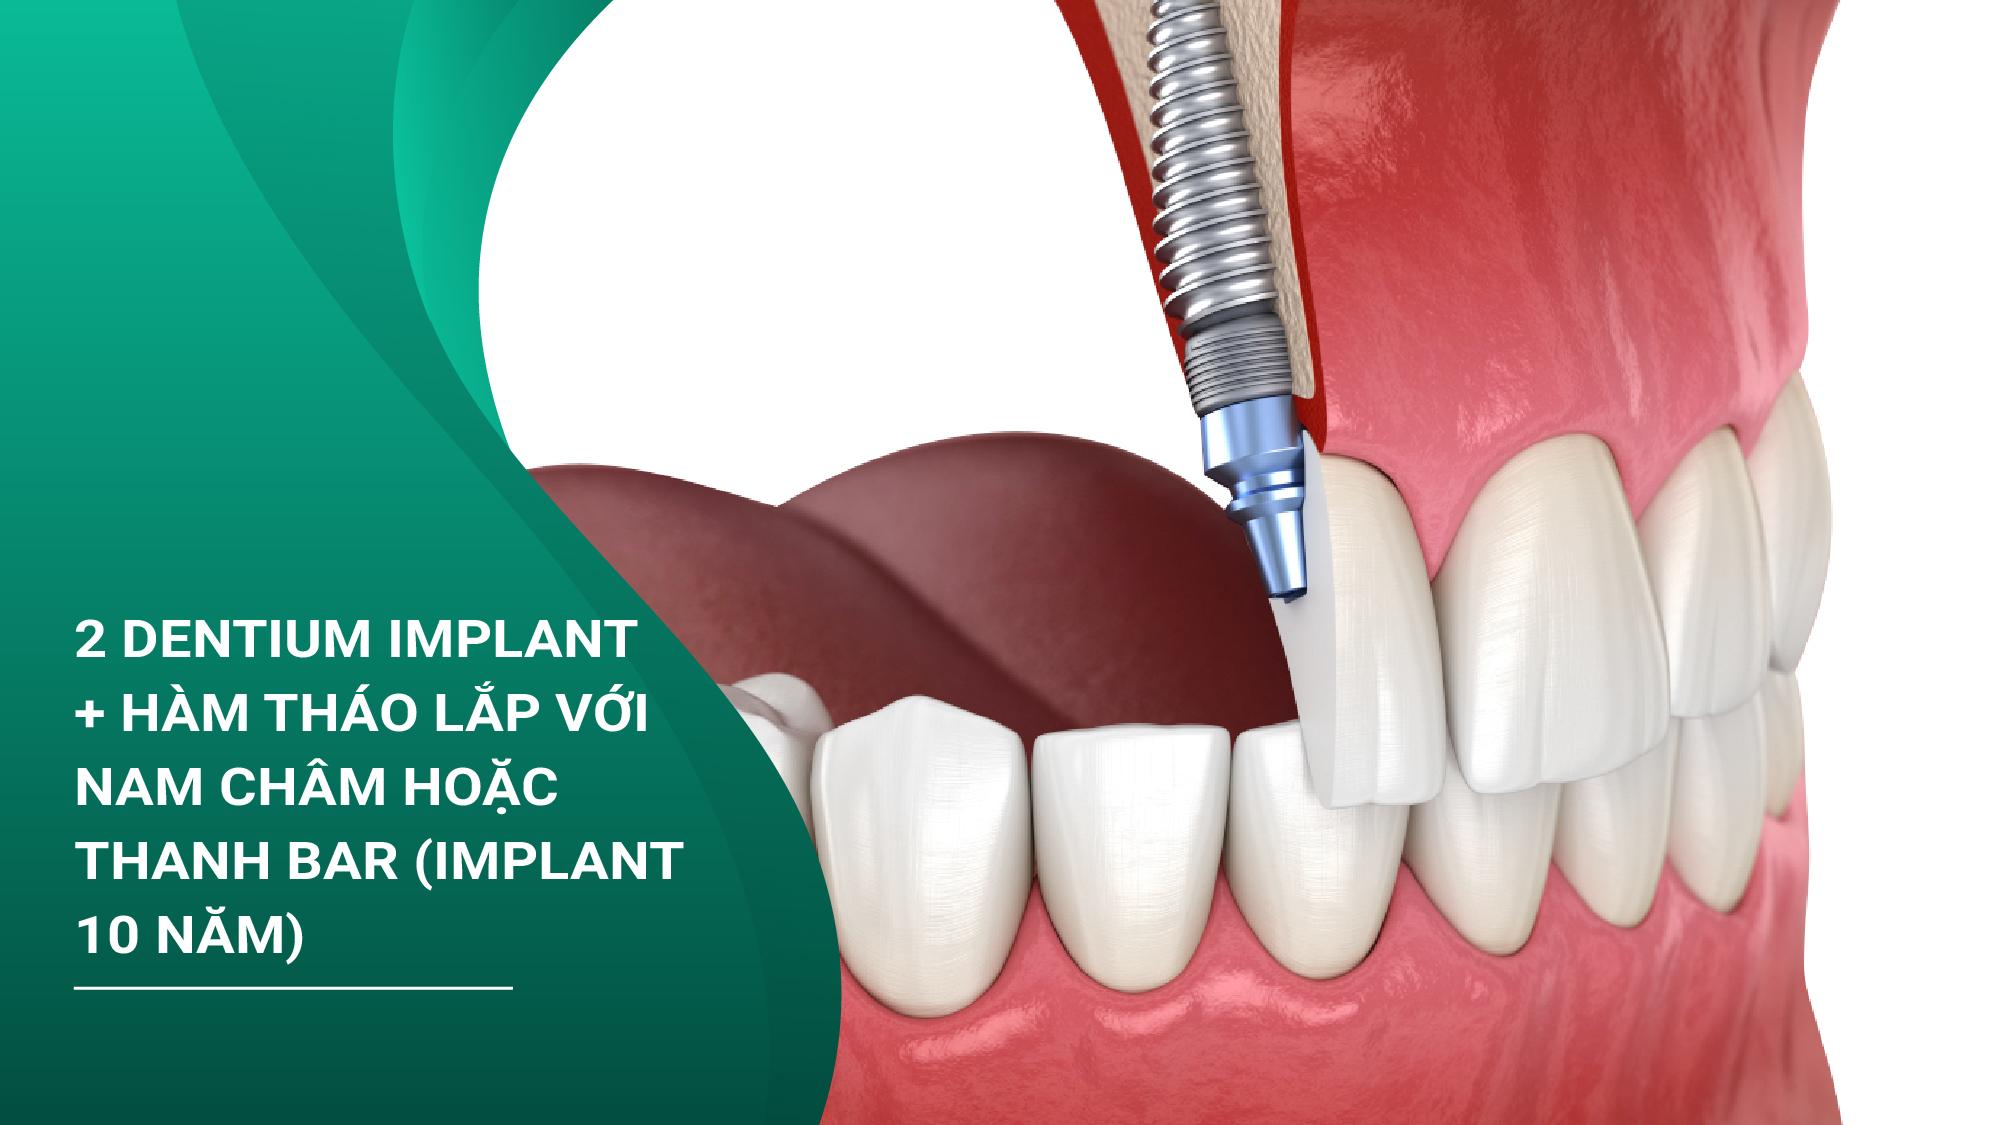 Trồng Răng Implant Dentium Kết Hợp Hàm Tháo Lắp Nam